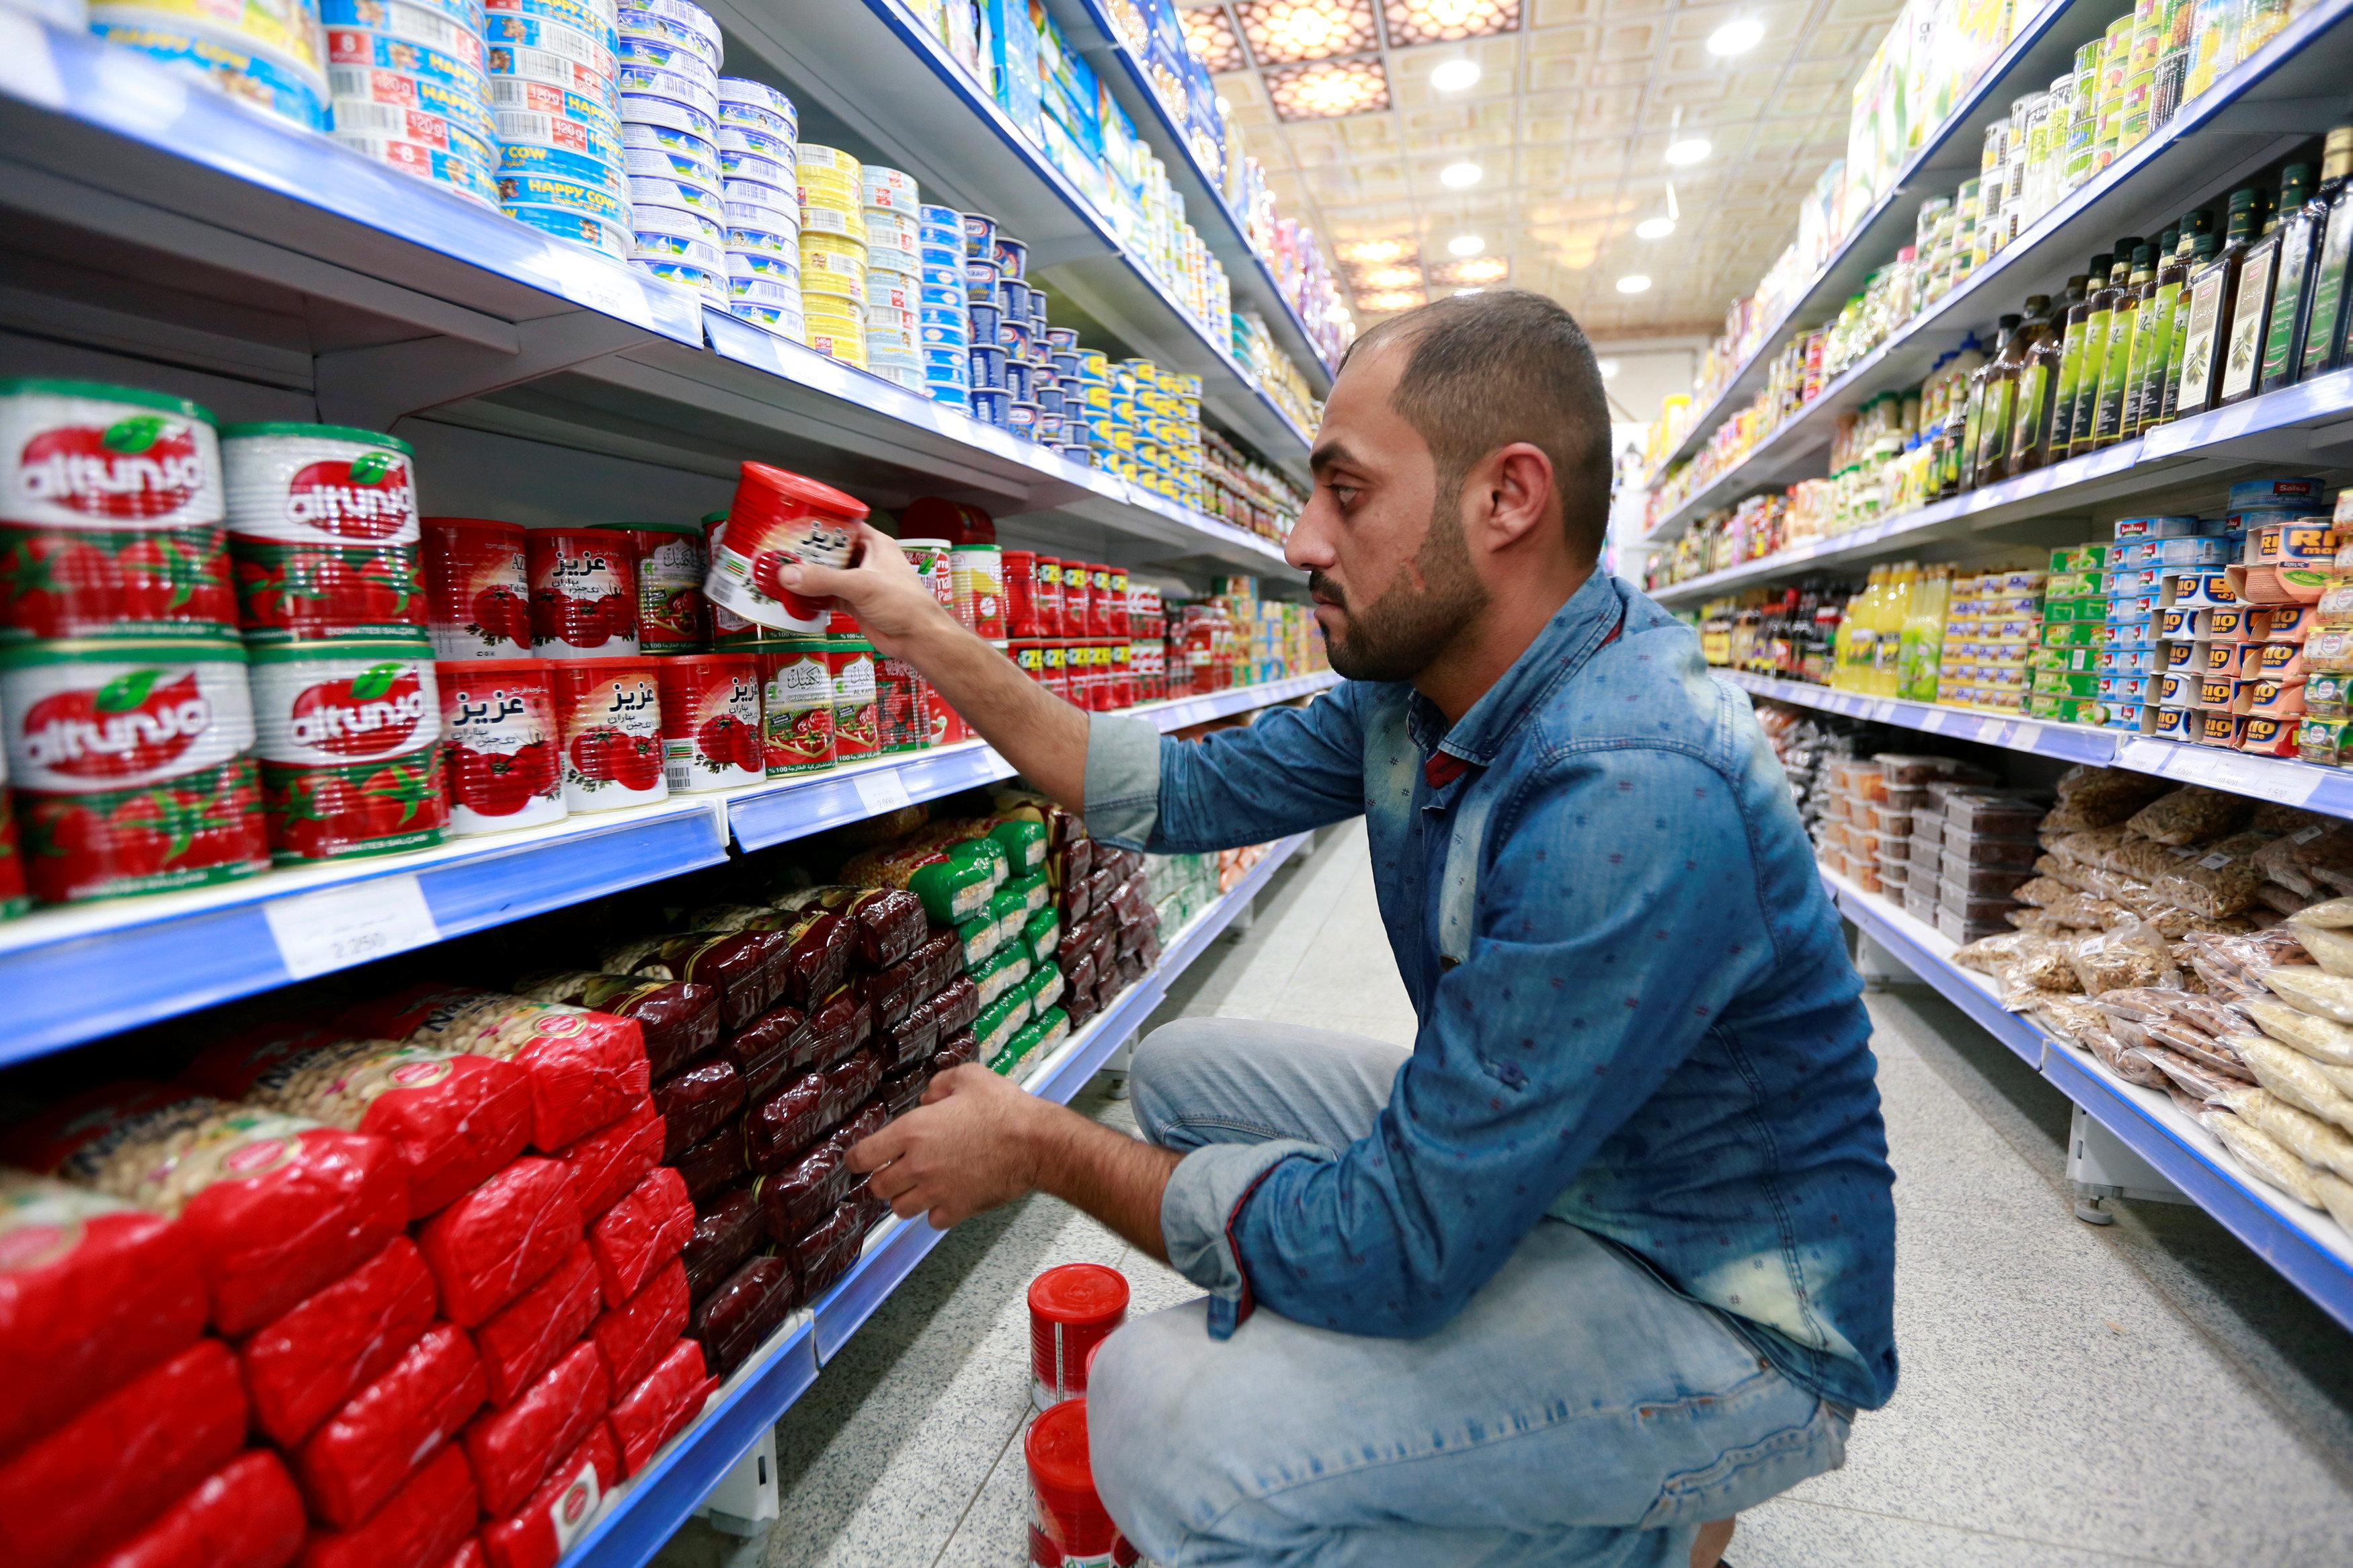 الصلصة الإيرانية تتواجد بوفرة فى أحد محلات النجف بالعراق